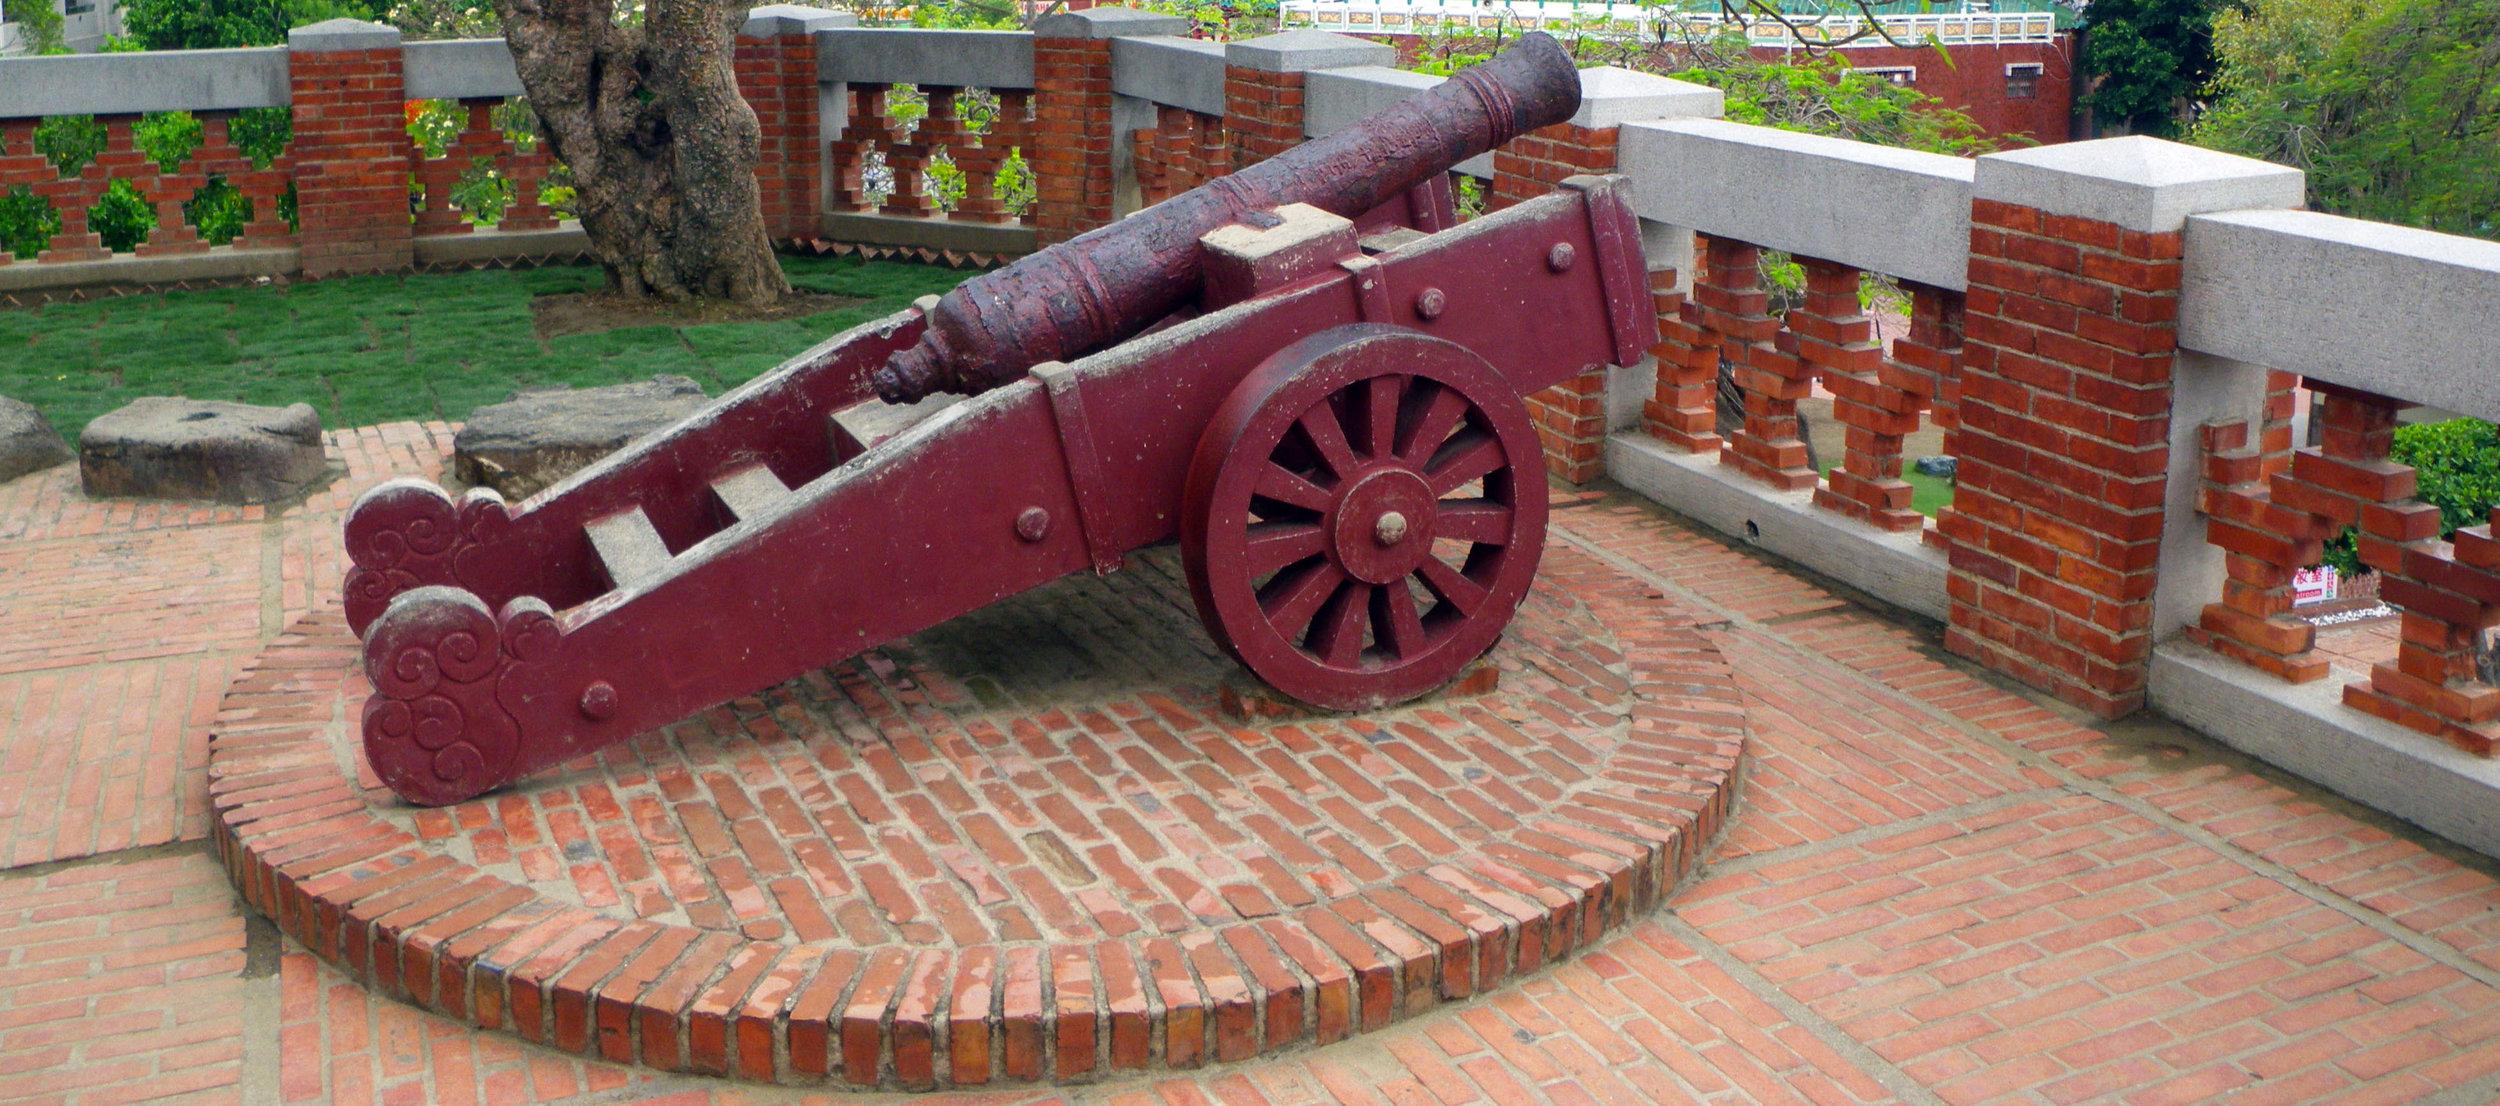 old Dutch cannon.jpg